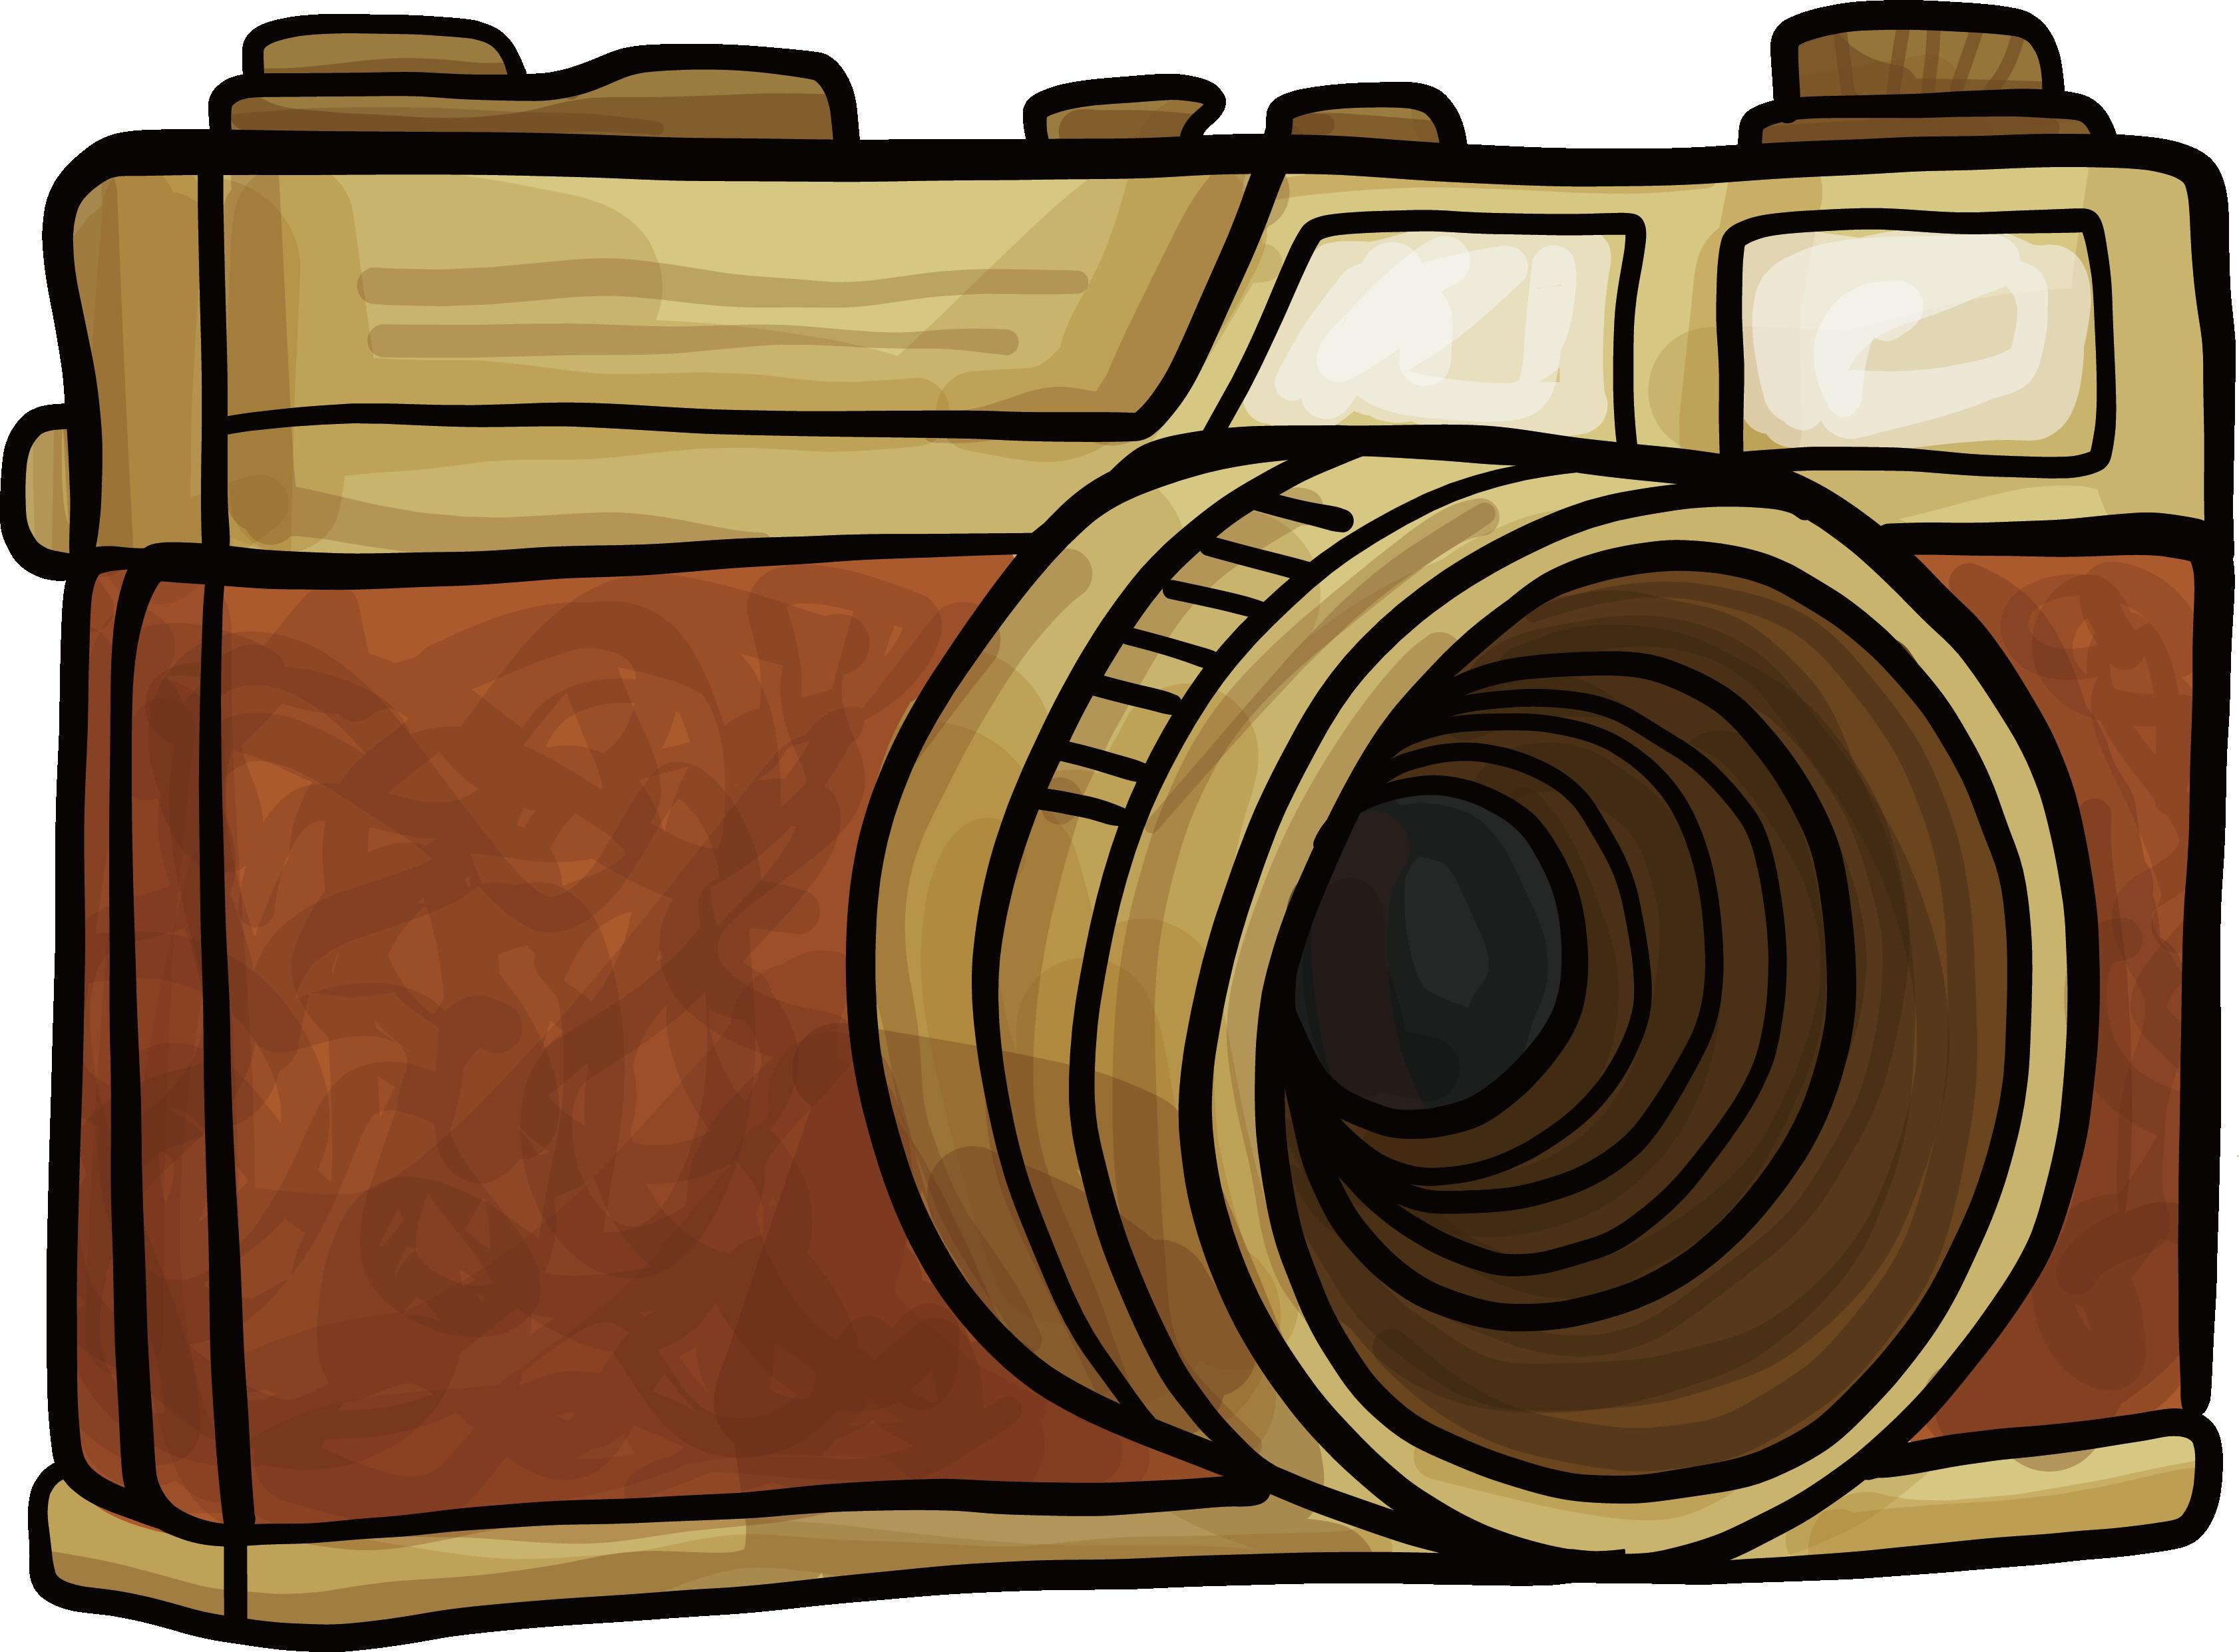 Camera clipart retro.